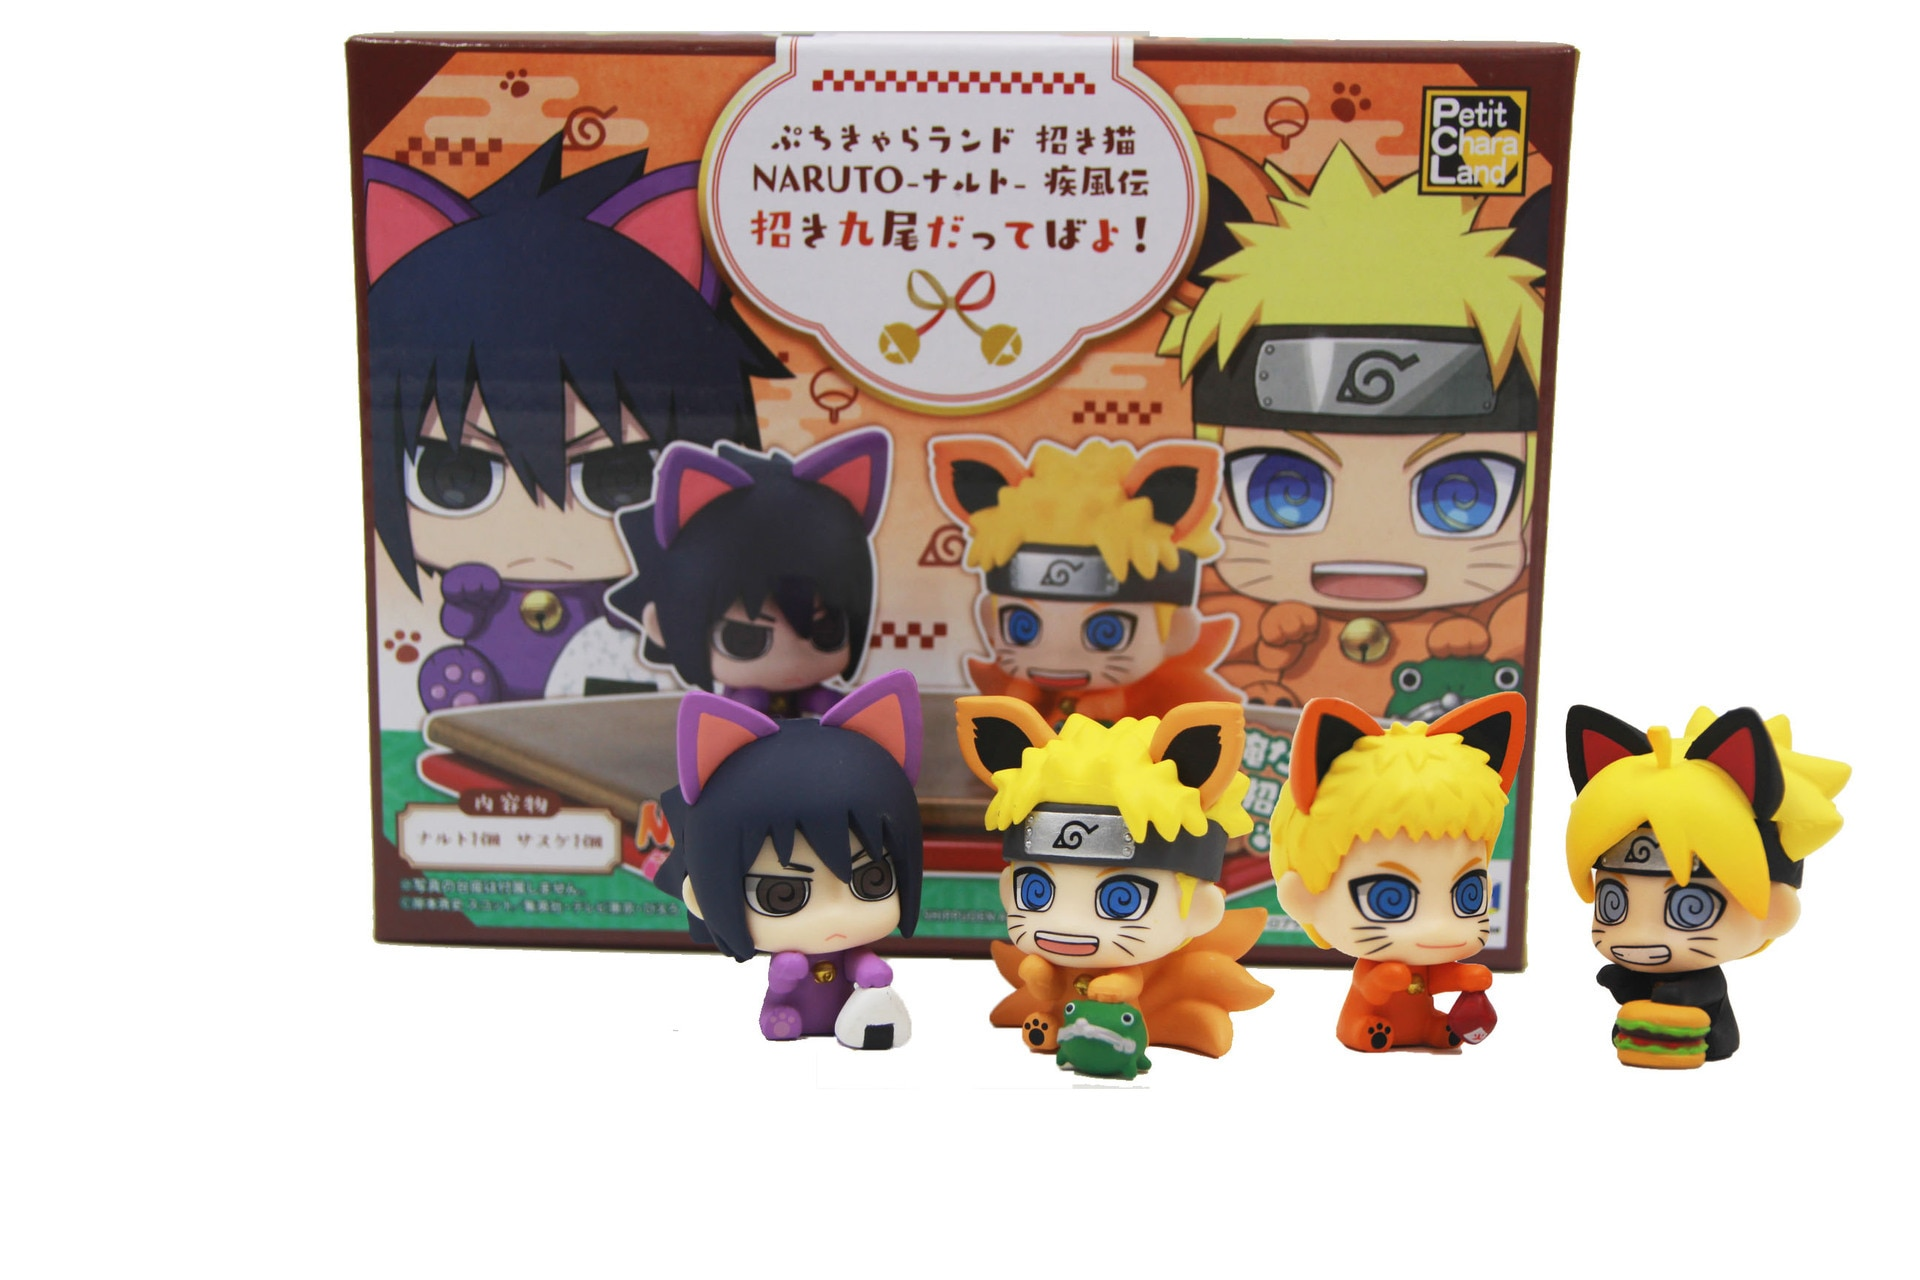 Anime uzumaki naruto boruto uchiha sasuke bonito cosplay fortuna gato collectible figura de ação modelo brinquedos